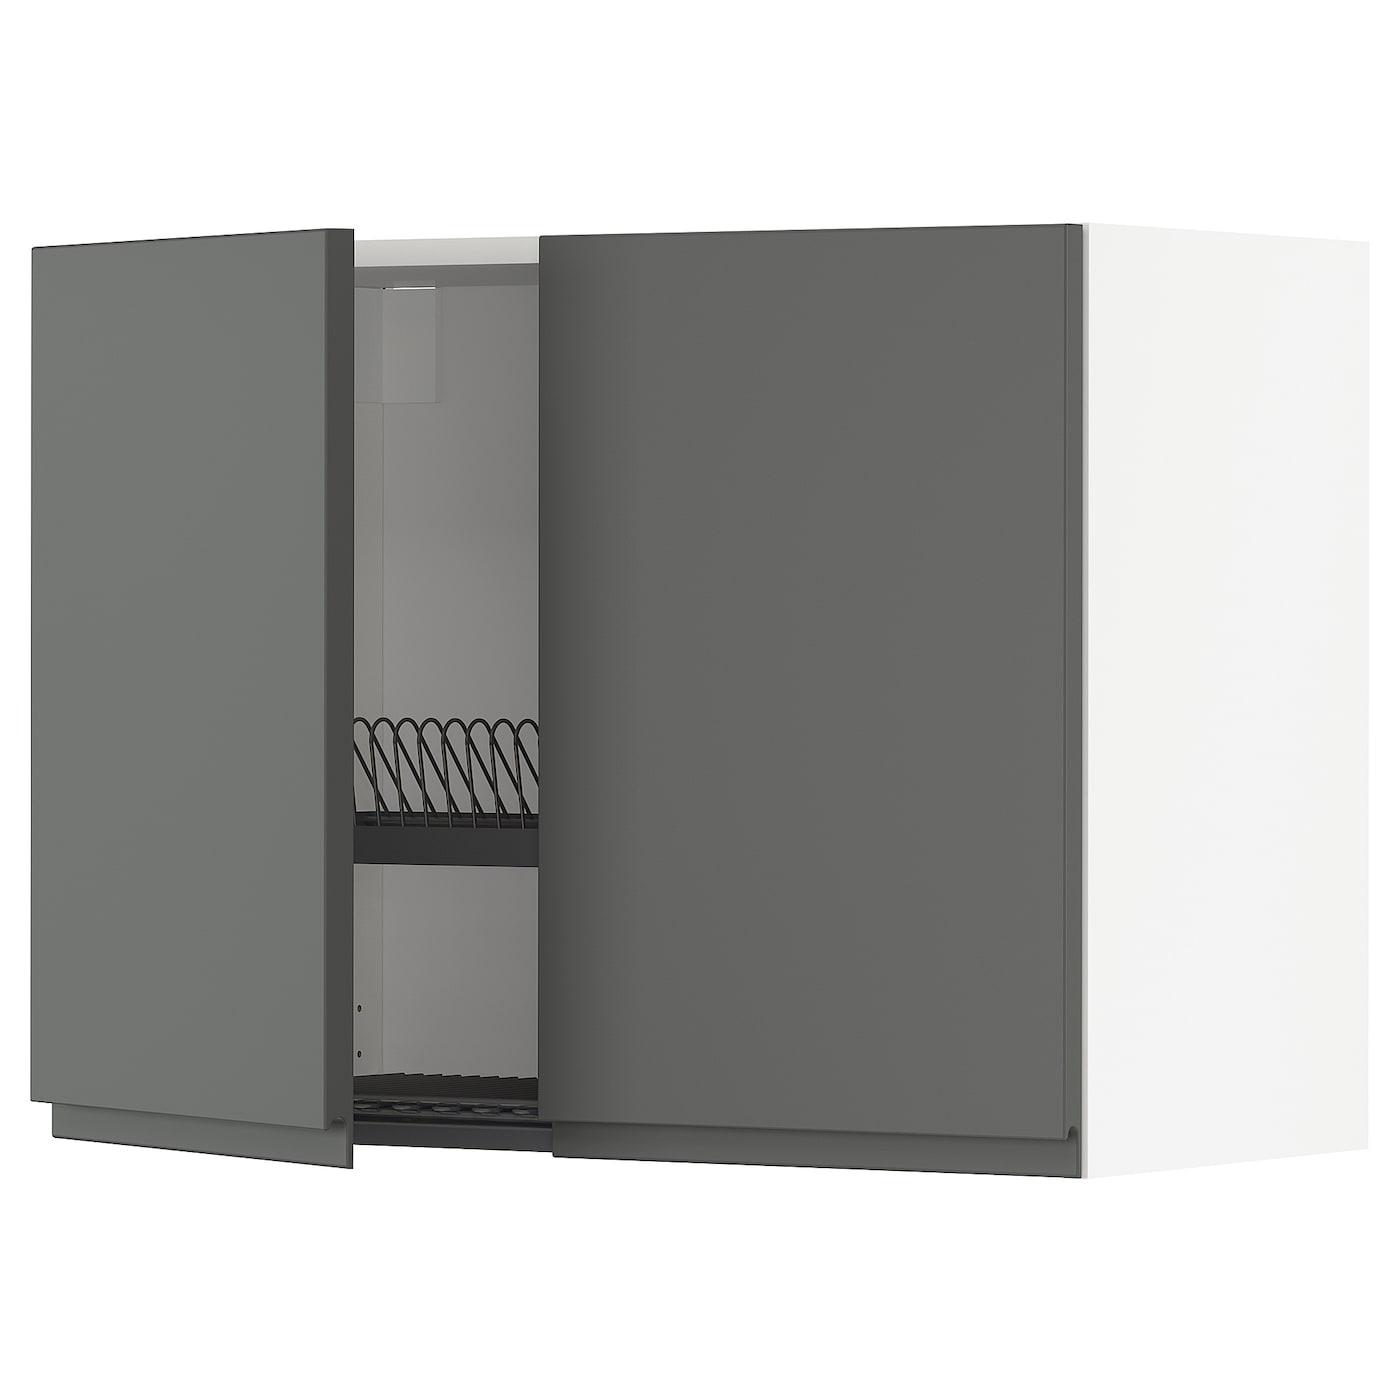 IKEA METOD Szafka ścienna z ociekaczem/2 drzwi, biały, Voxtorp ciemnoszary, 80x60 cm